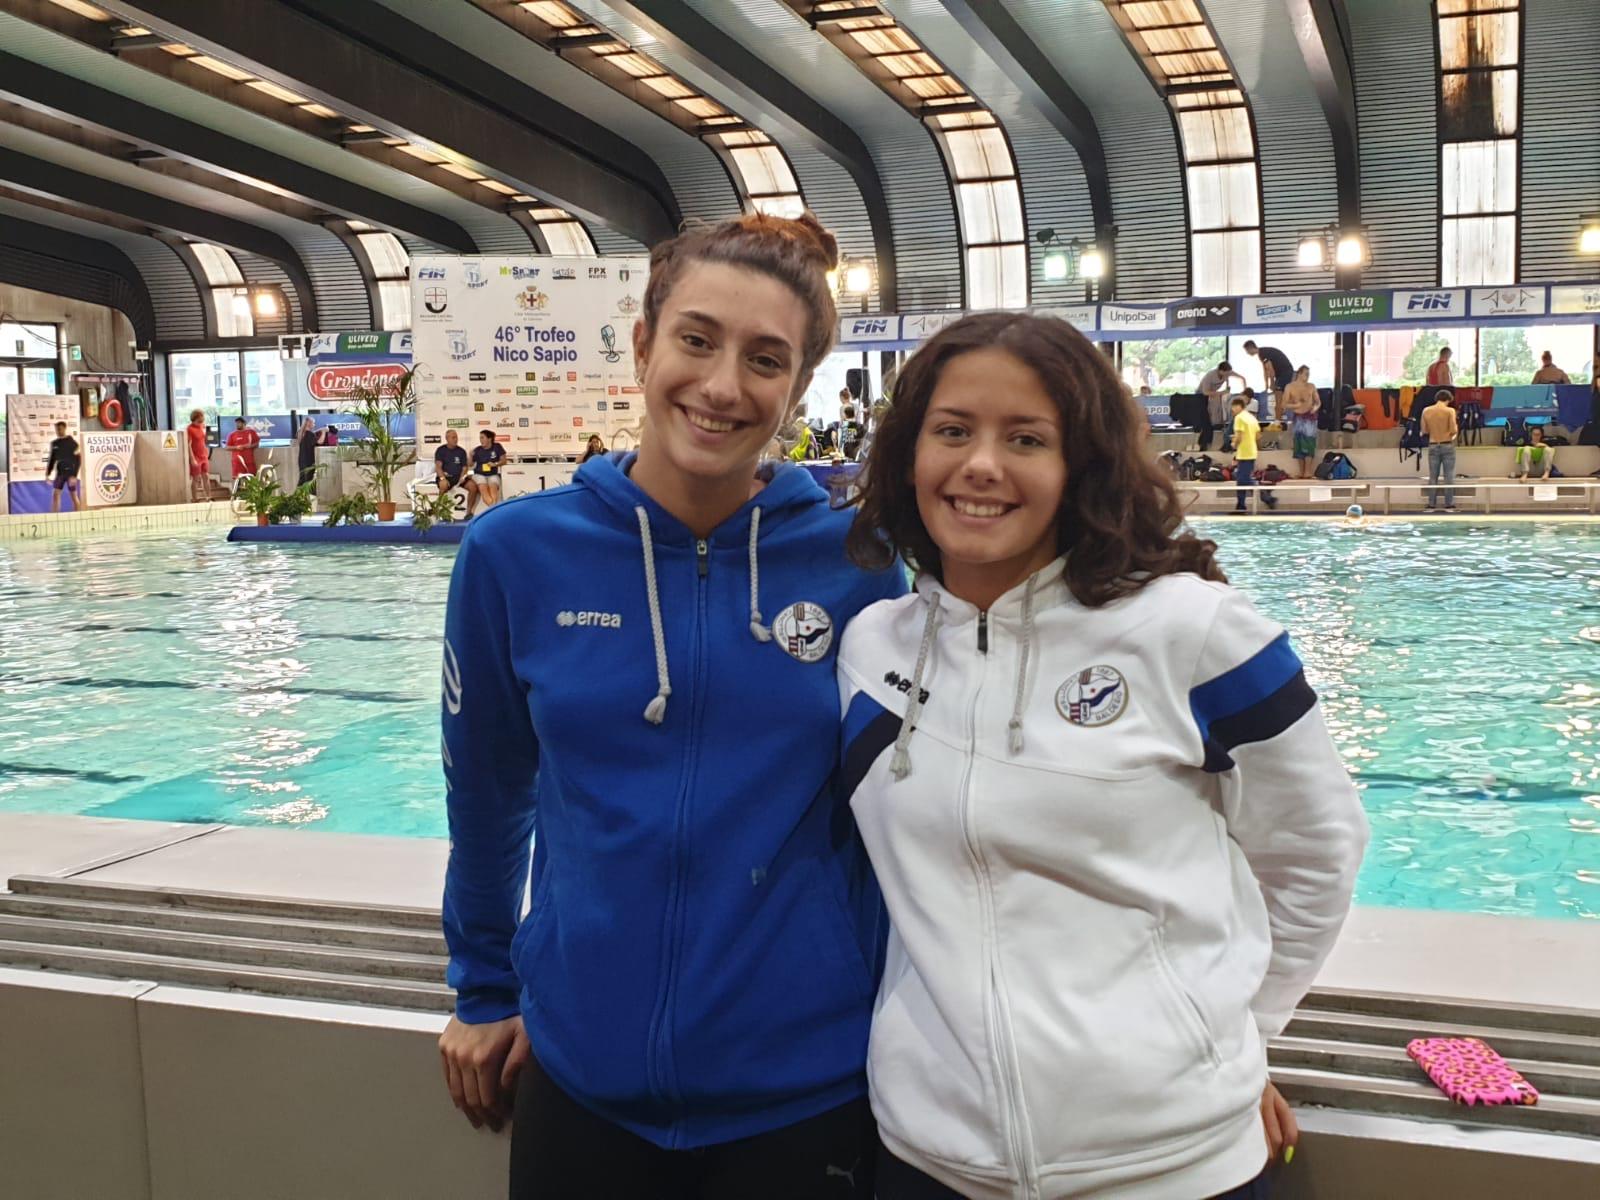 """Nuoto Agonisti: A Genova Trofeo """"Nico Sapio"""" nel segno di ..."""